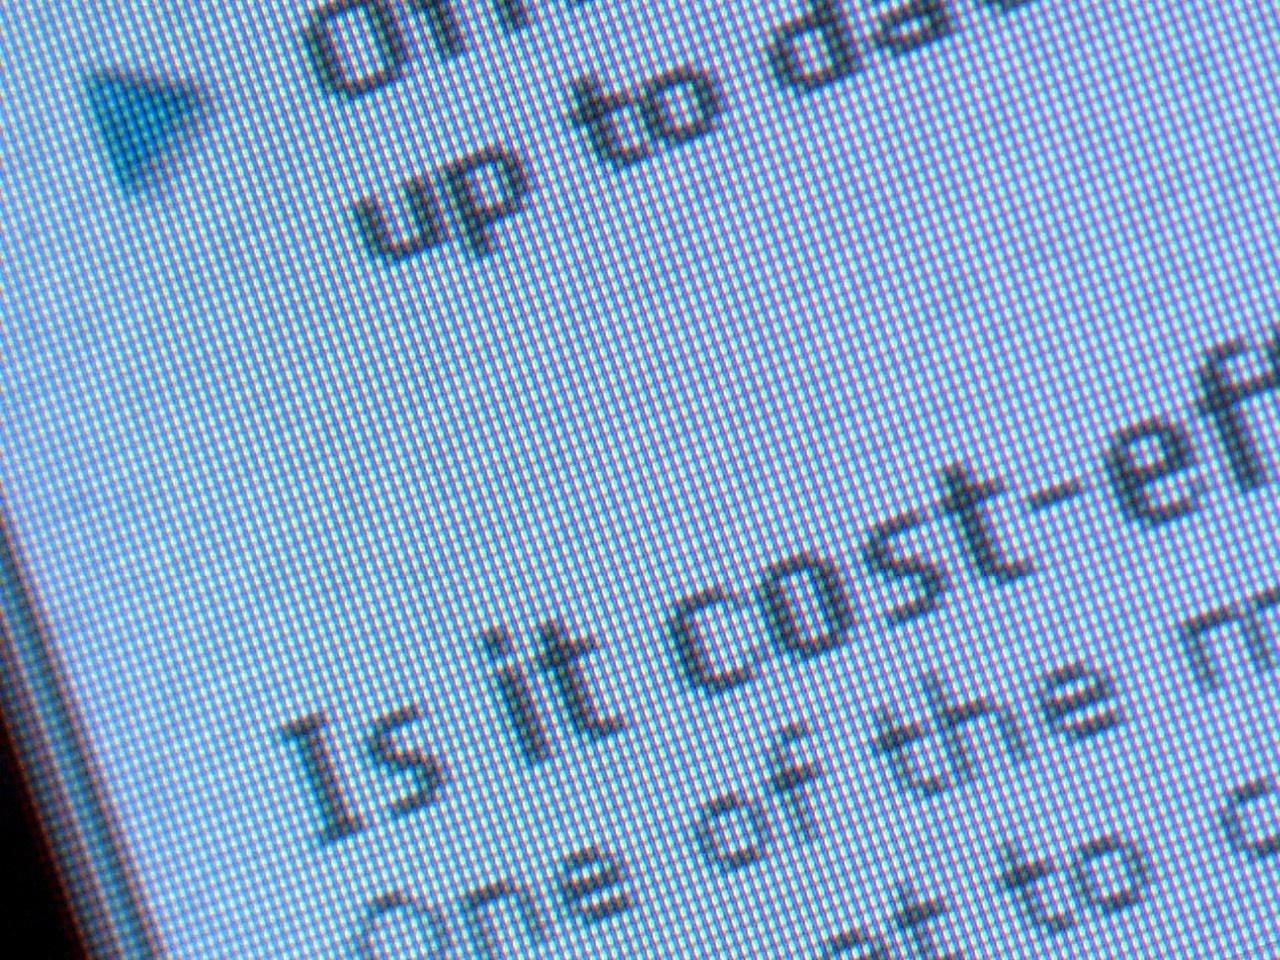 cost-effective-1257230.jpg